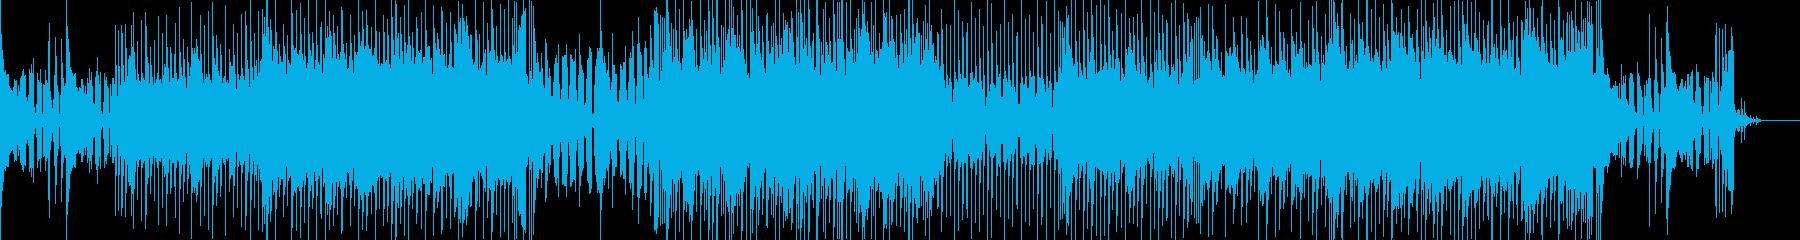 冬に合いそうな切ないカッコイイ曲の再生済みの波形